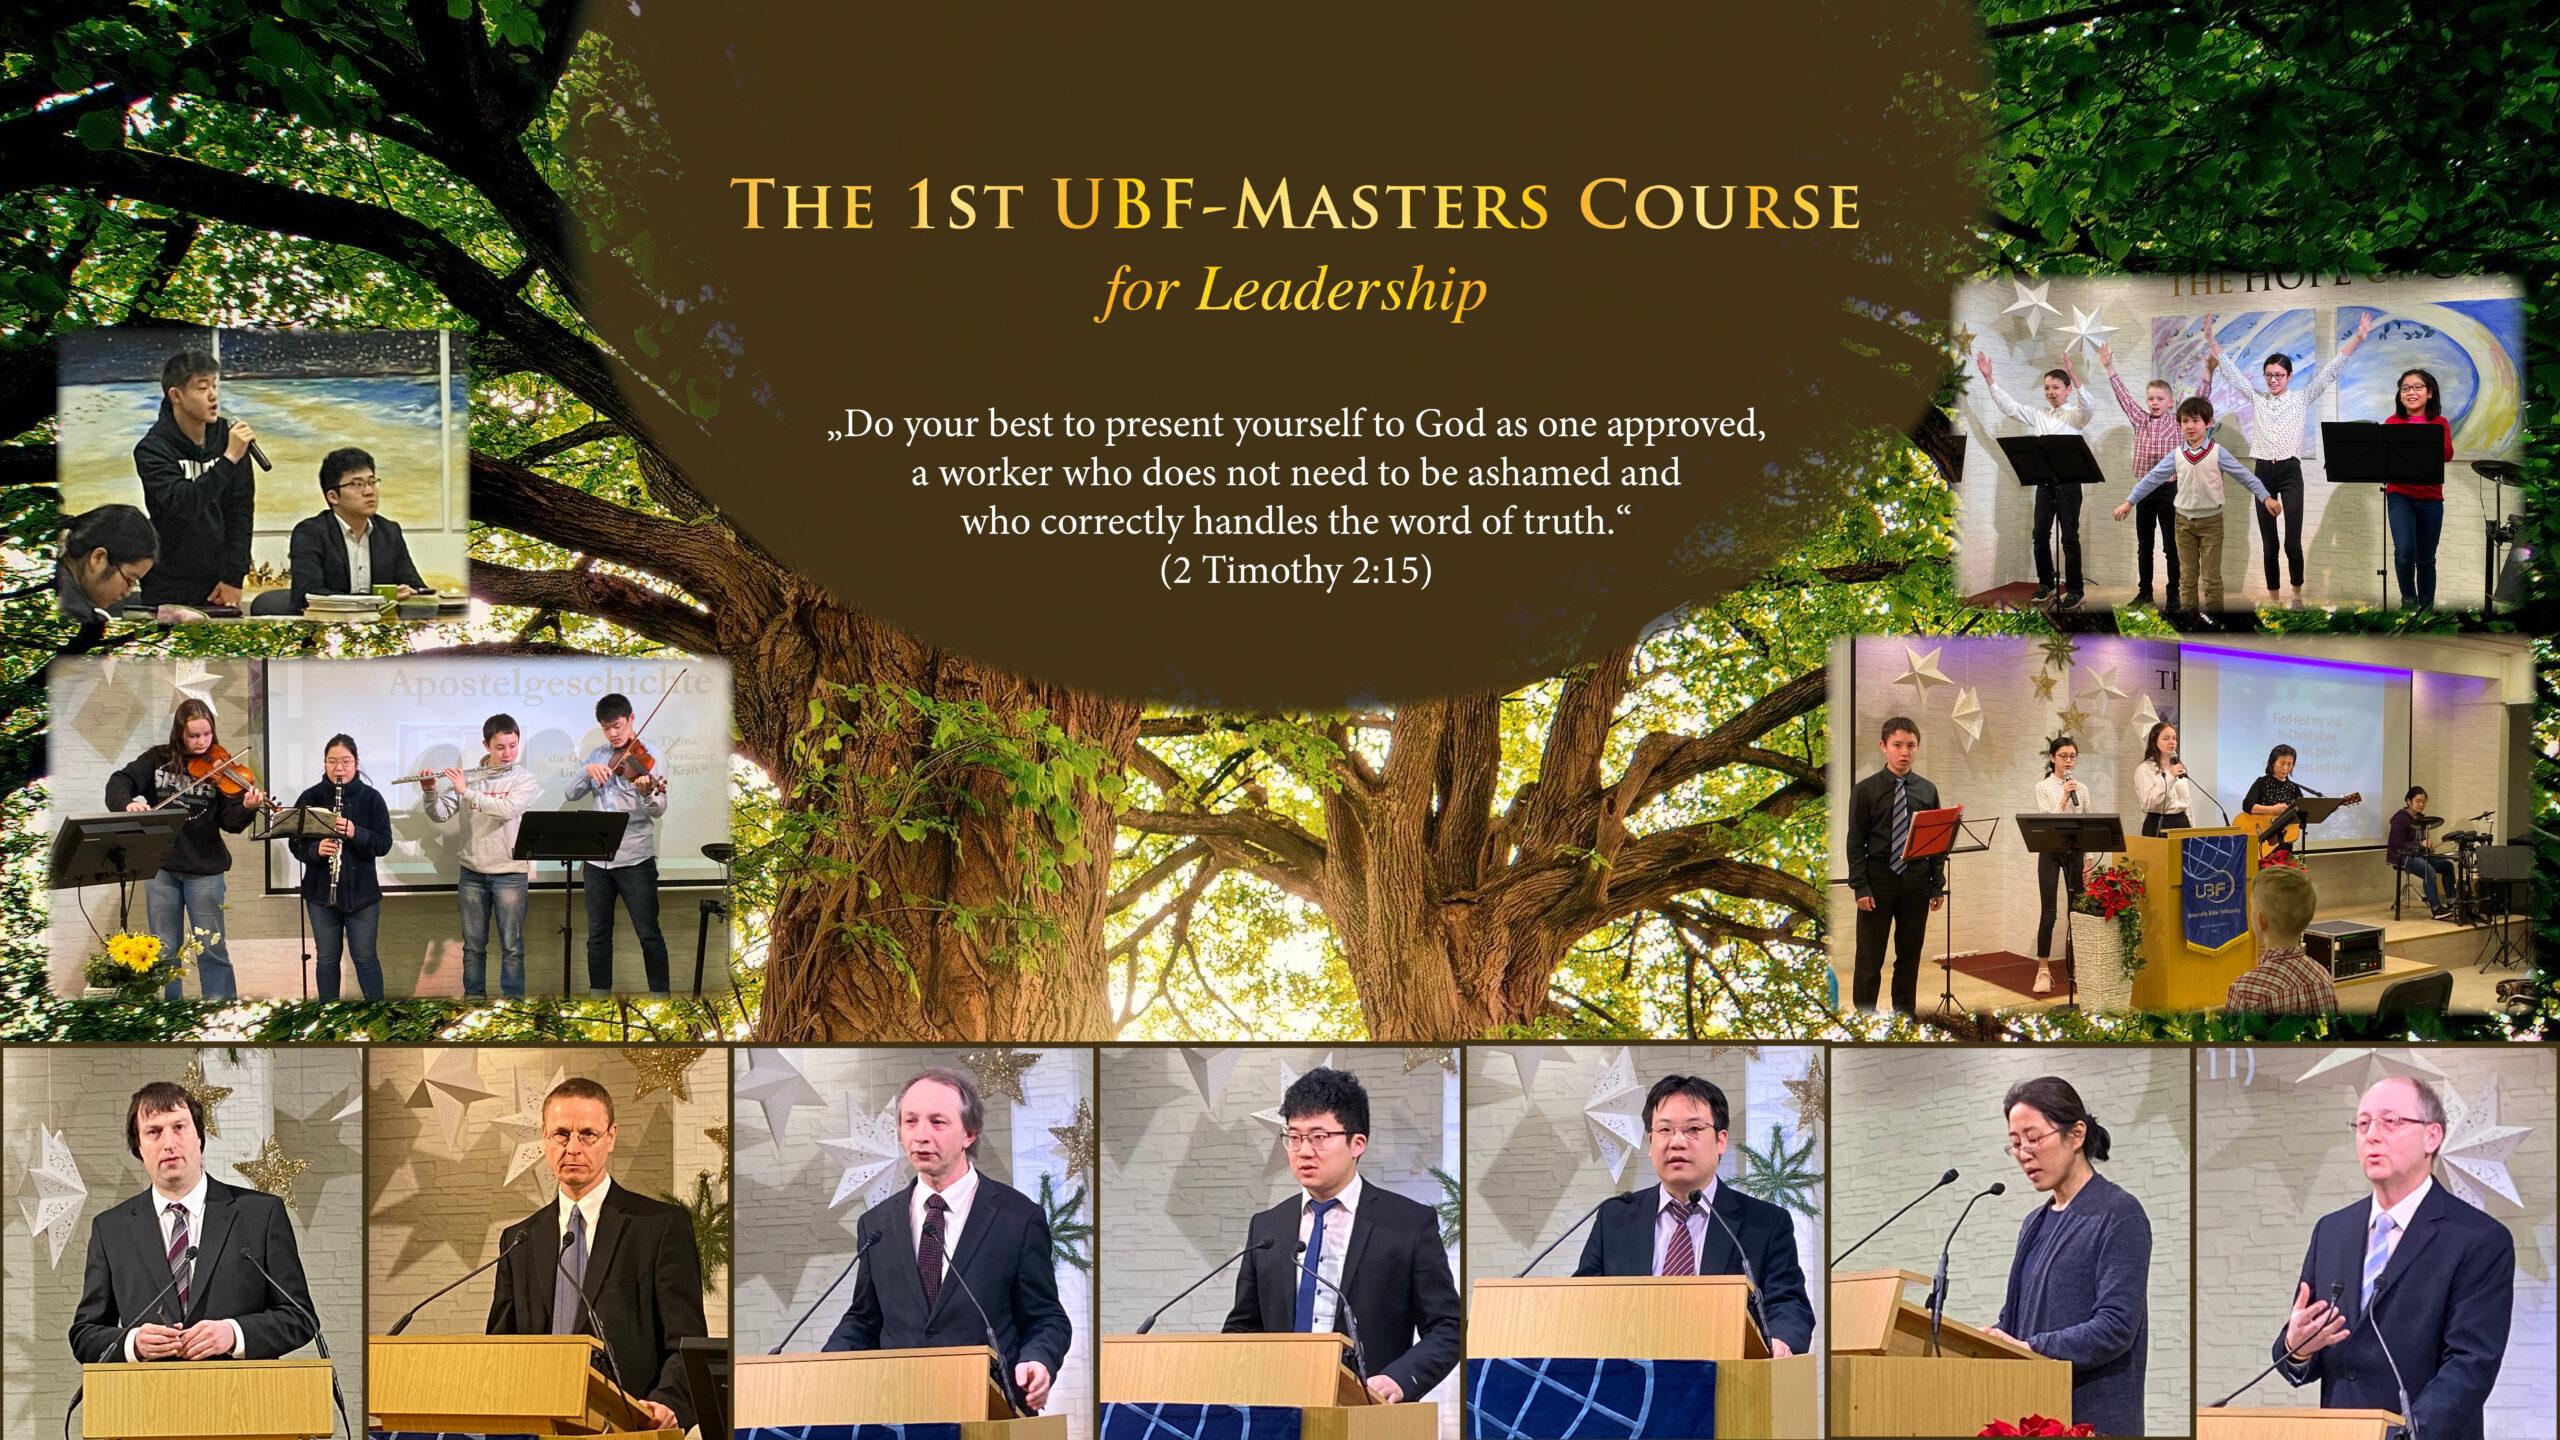 1. UBF-Masterkurs für die Leiterschaft